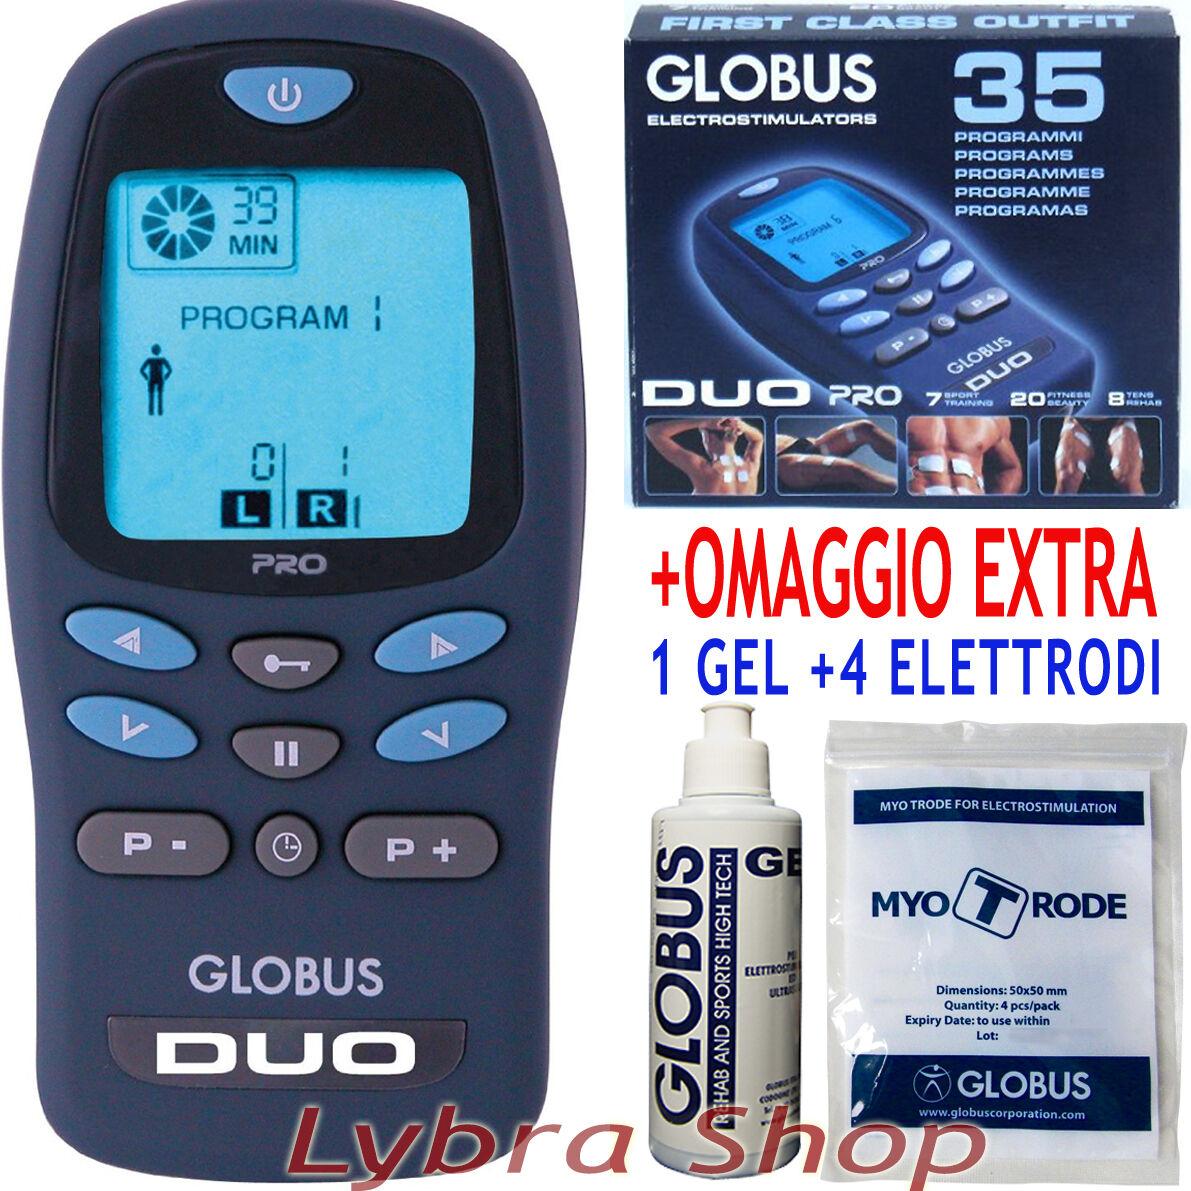 Globus DUO PRO a elettrostimolatore 2 canali a PRO batterie Sport Fitness Tens f1534e